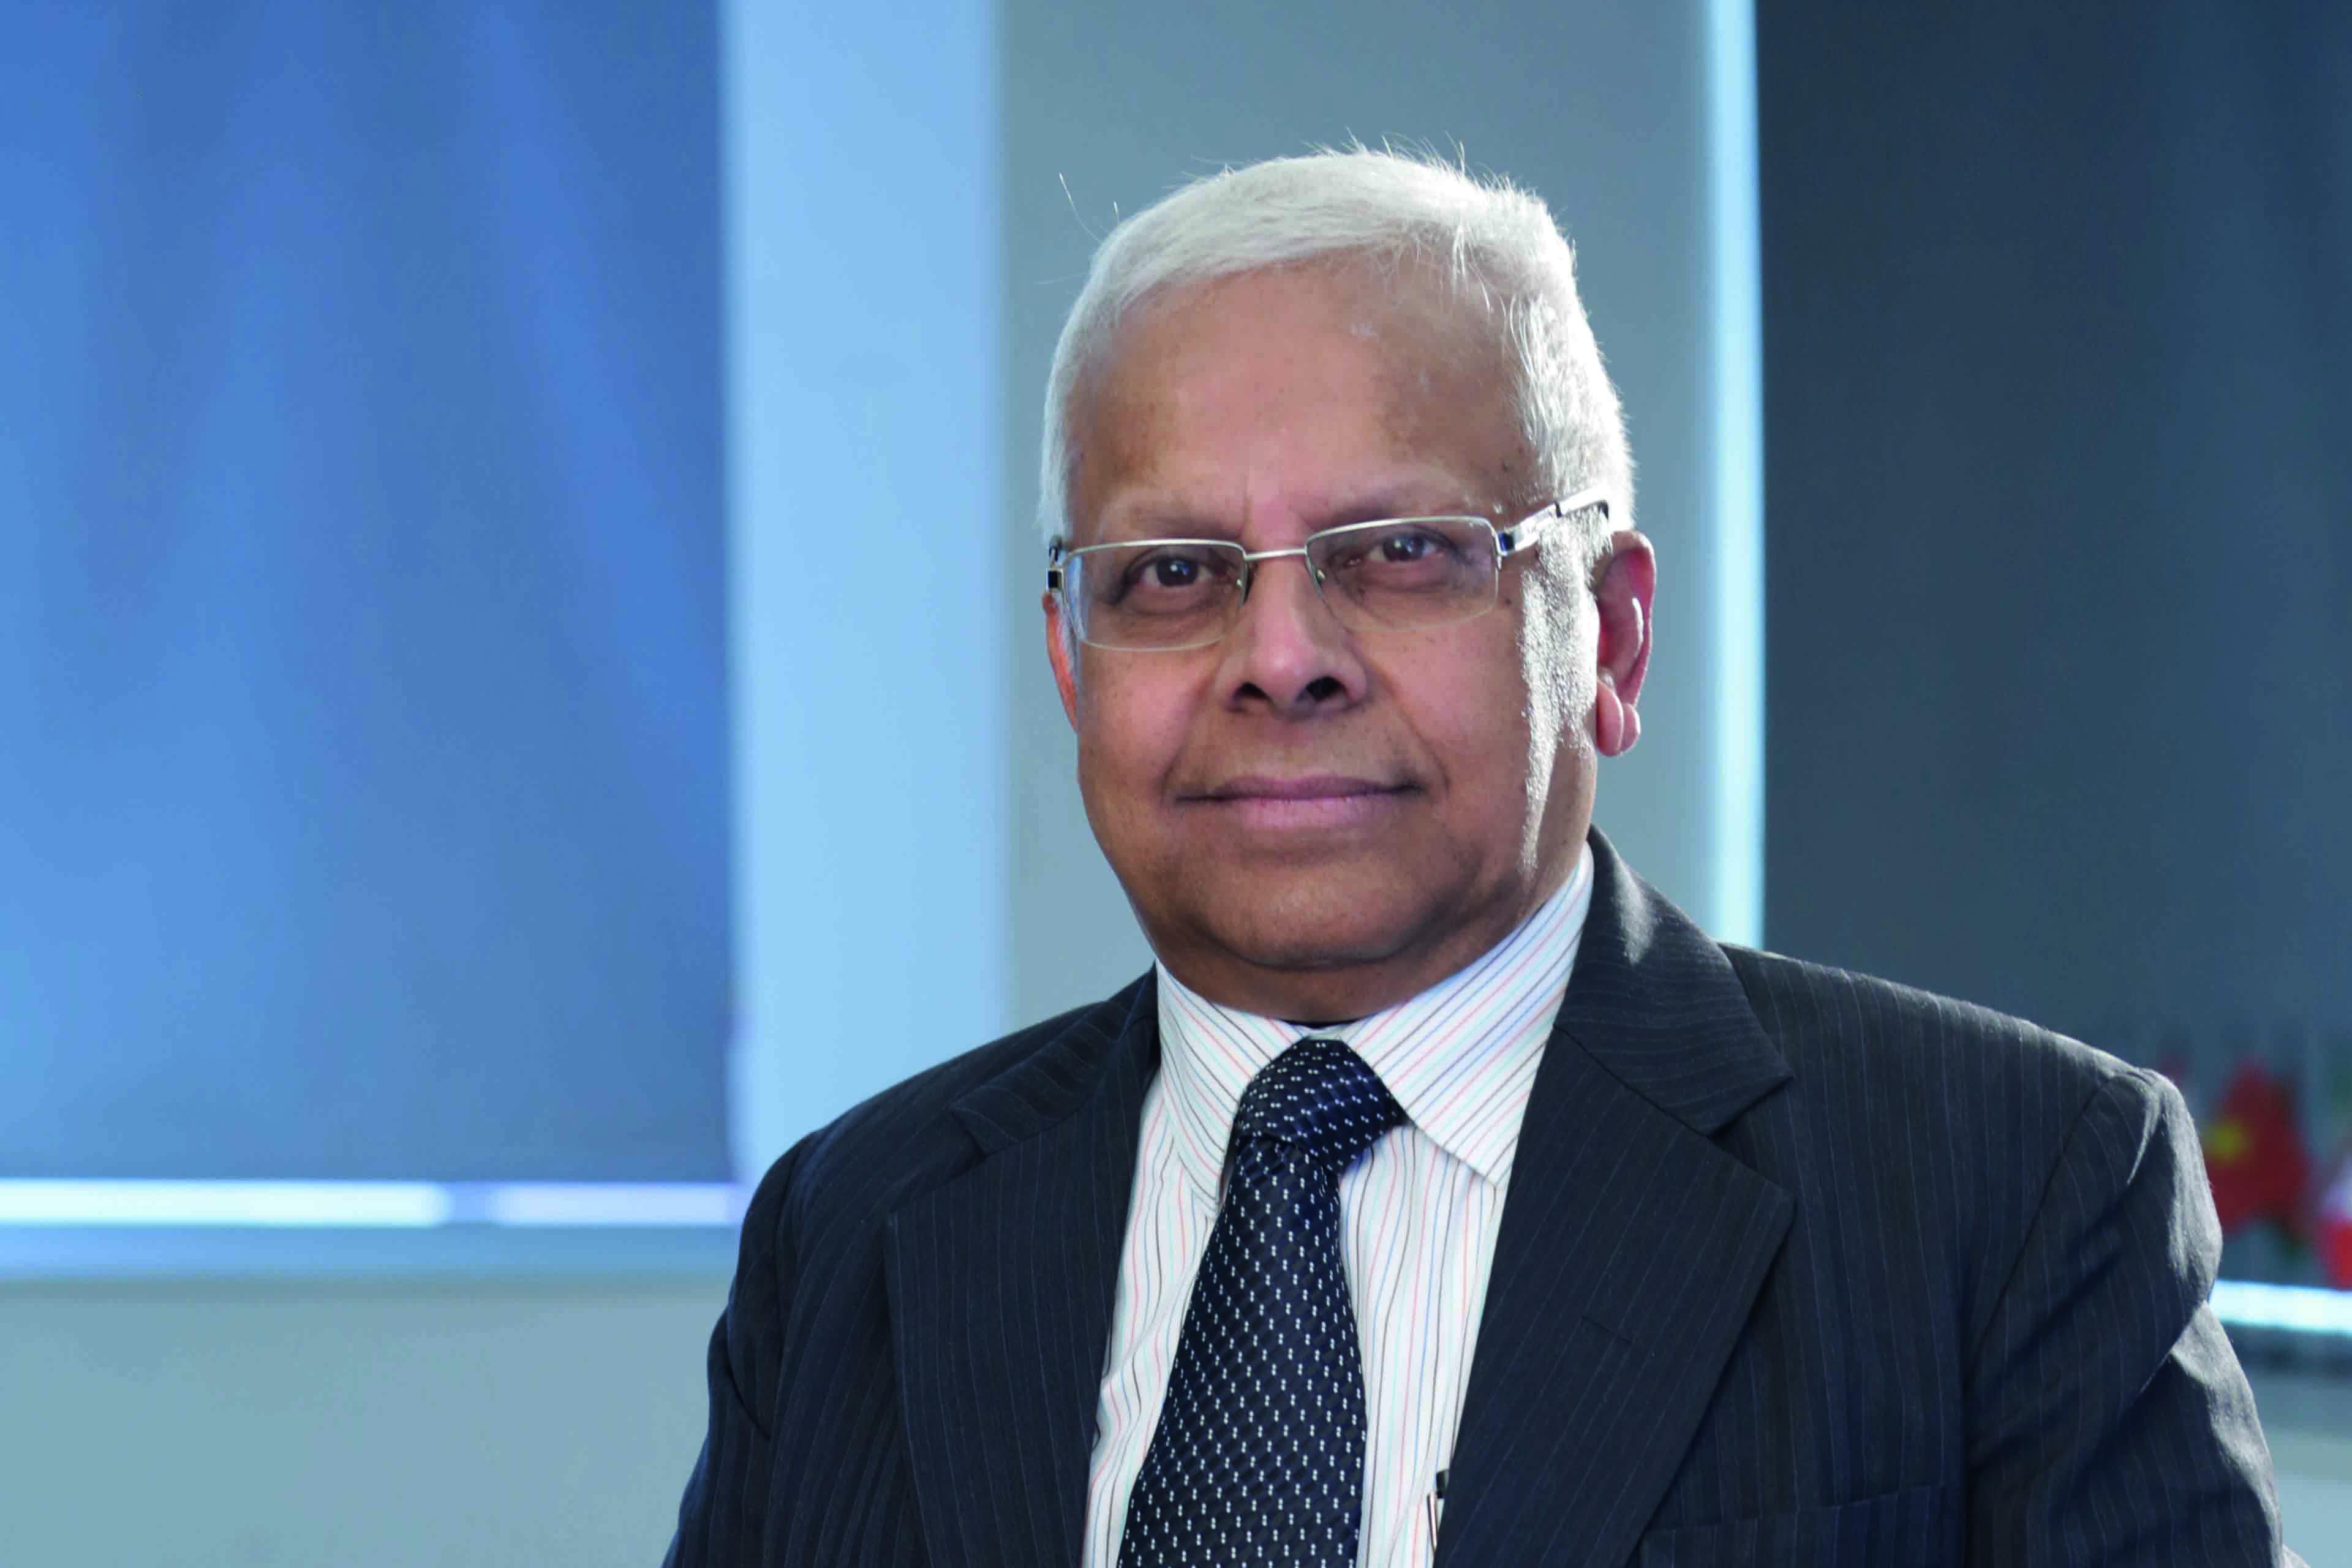 Unnathan Shekhar